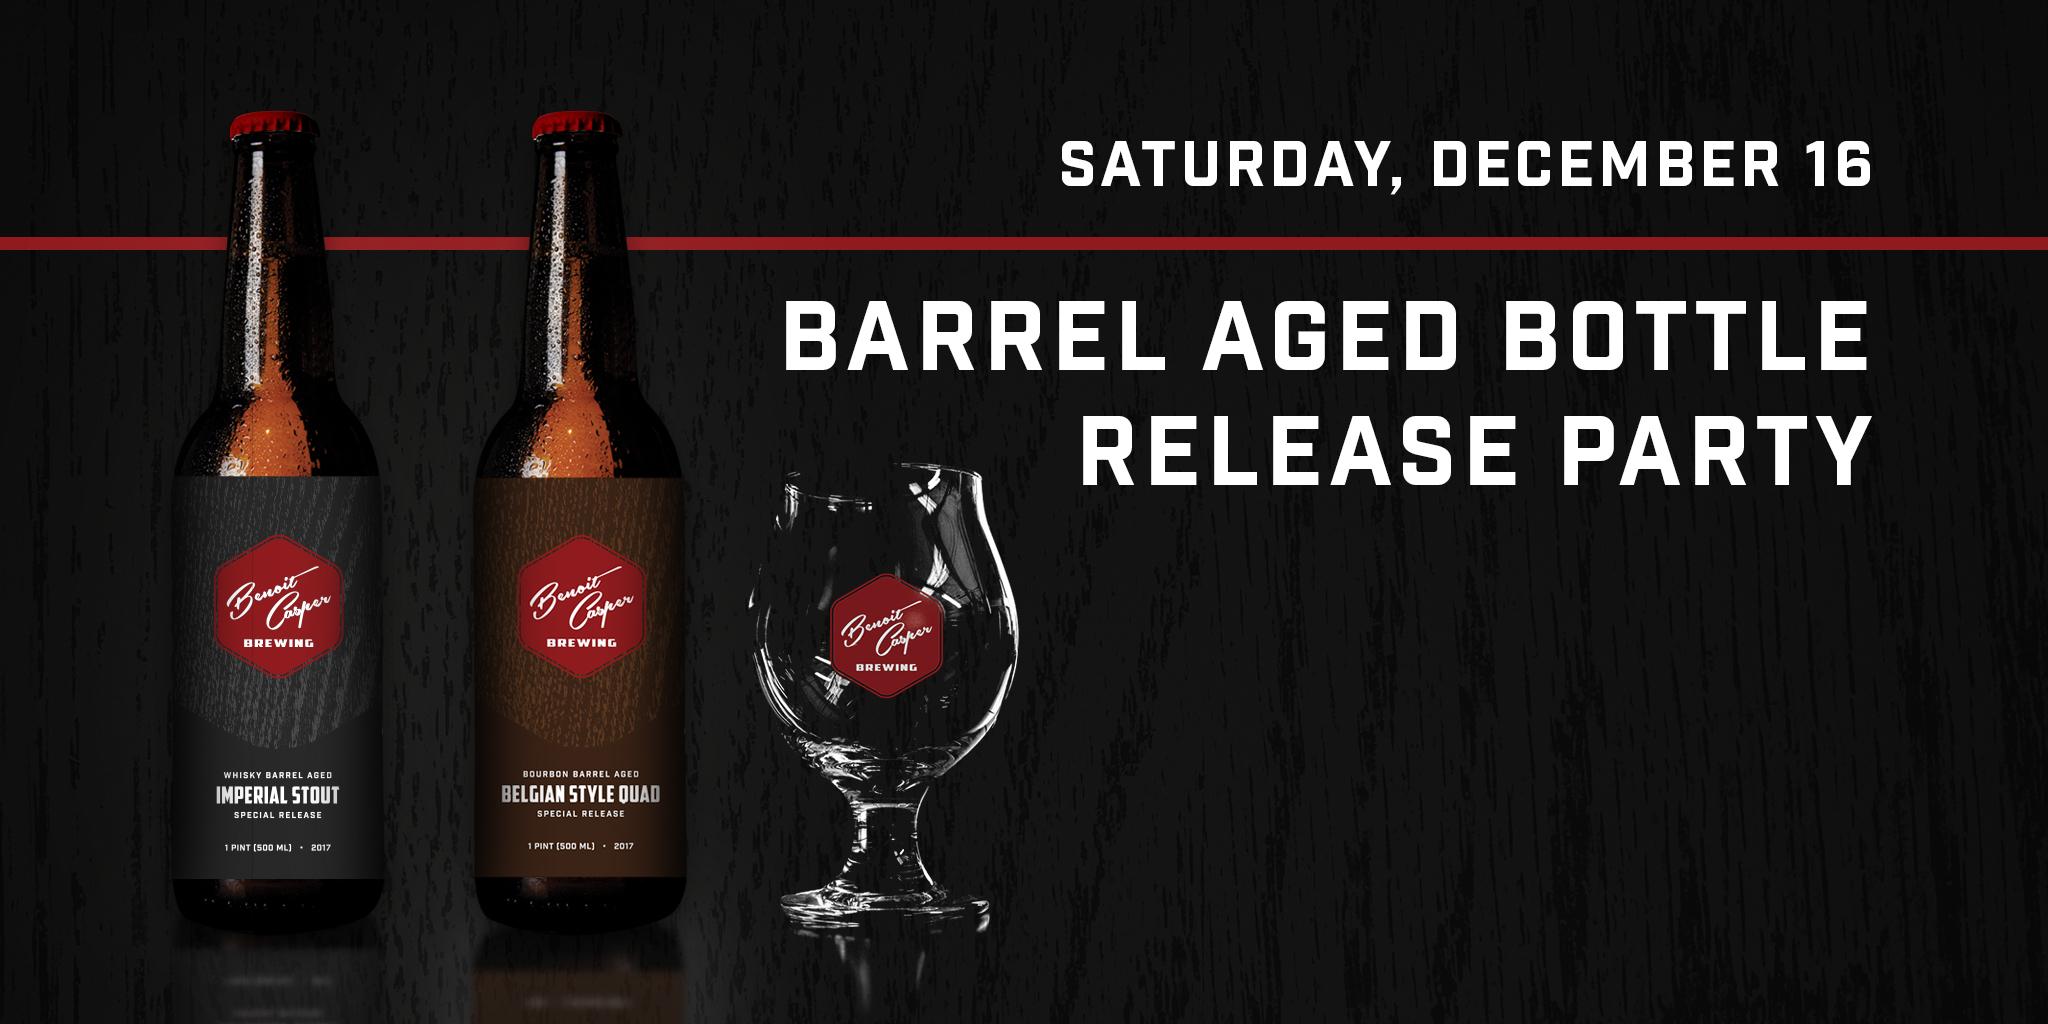 Barrel-Aged-Bottle-Release-Party-Banner.jpg